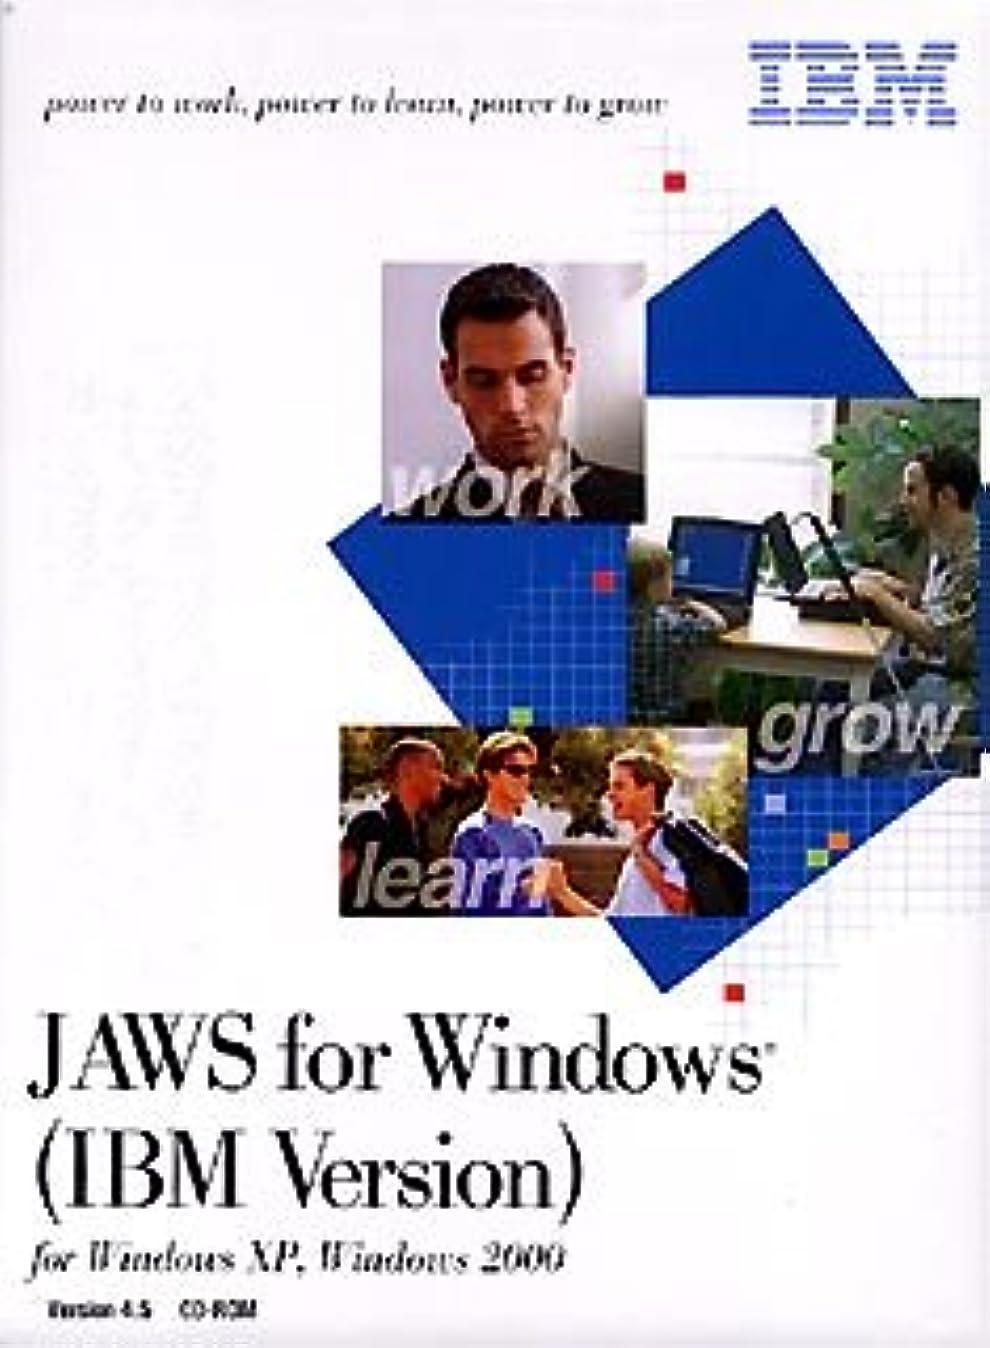 仲間、同僚ボート自明JAWS for Windows(IBM Version) for Windows XP、Windows 2000 Version 4.5